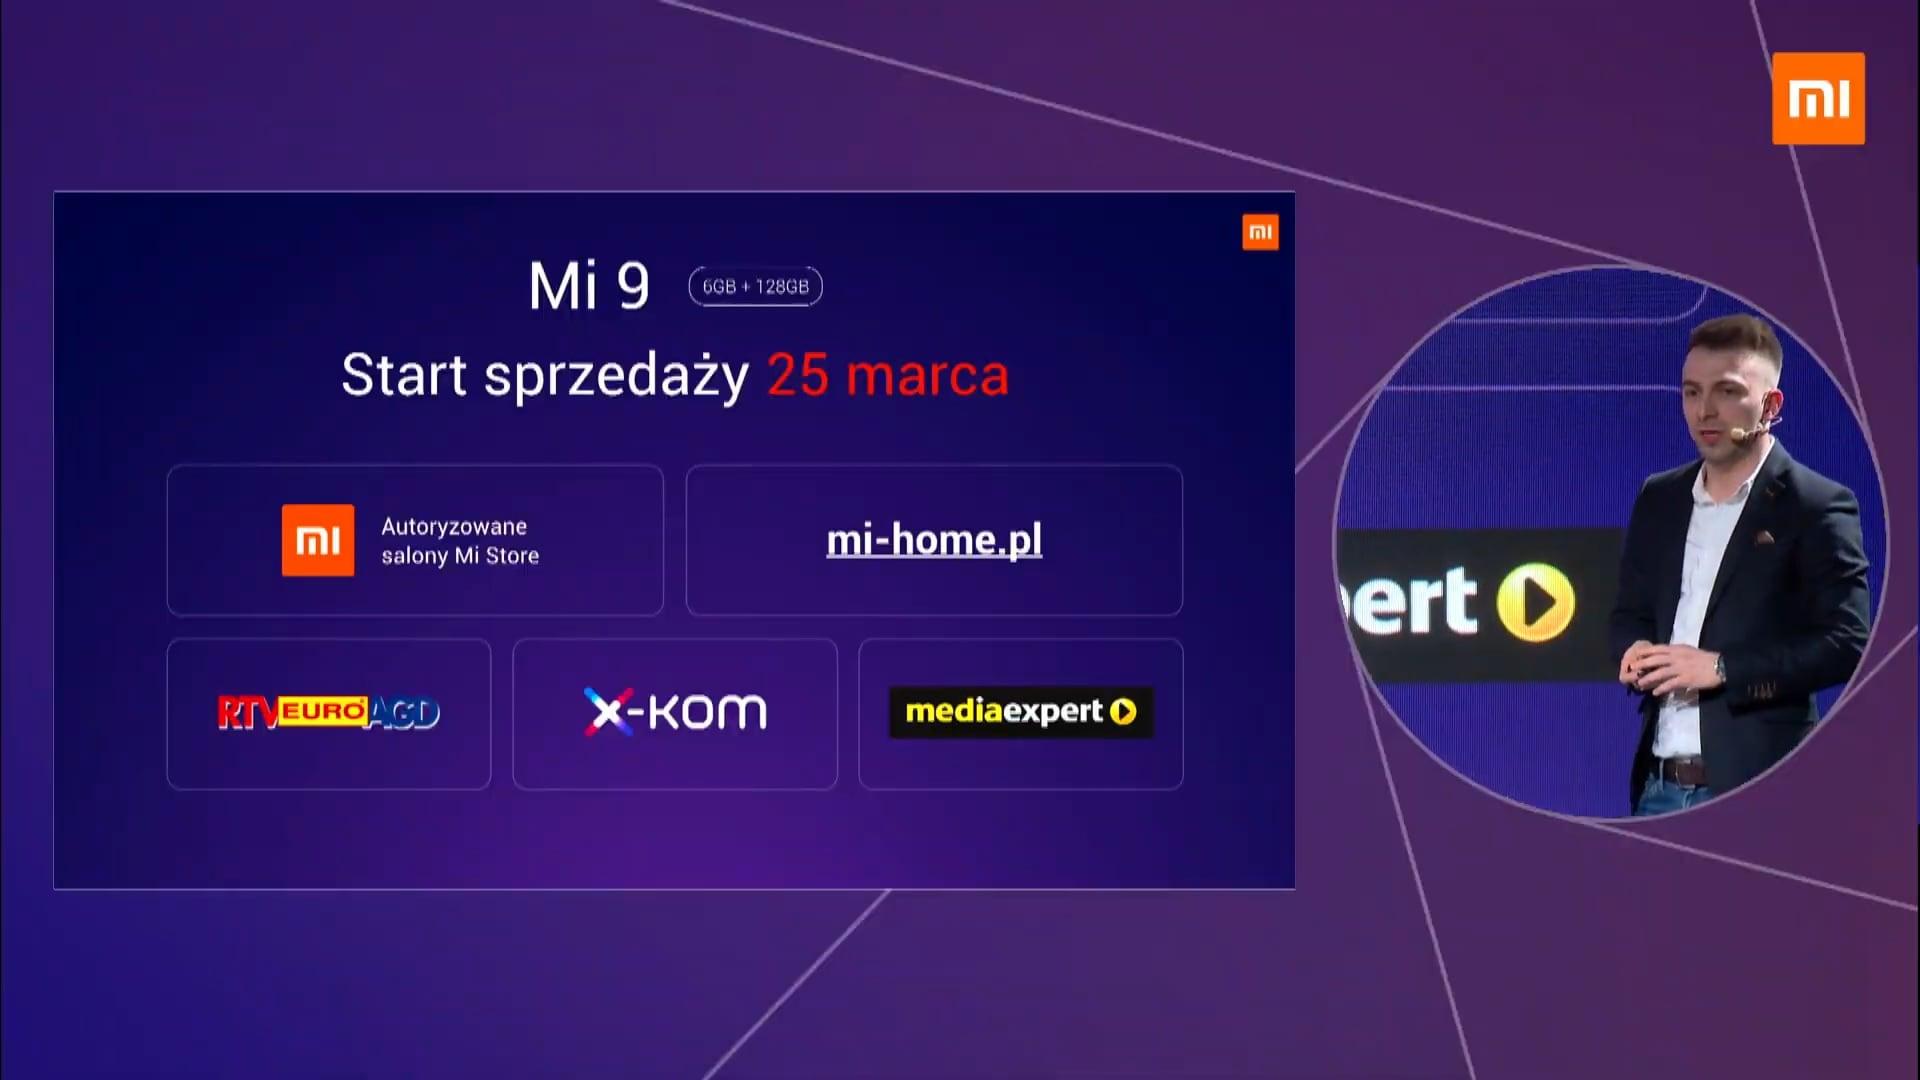 Xiaomi podało ceny flagowego Mi 9 w Polsce. Też będziecie zbierać szczęki z podłogi, gdy je zobaczycie!